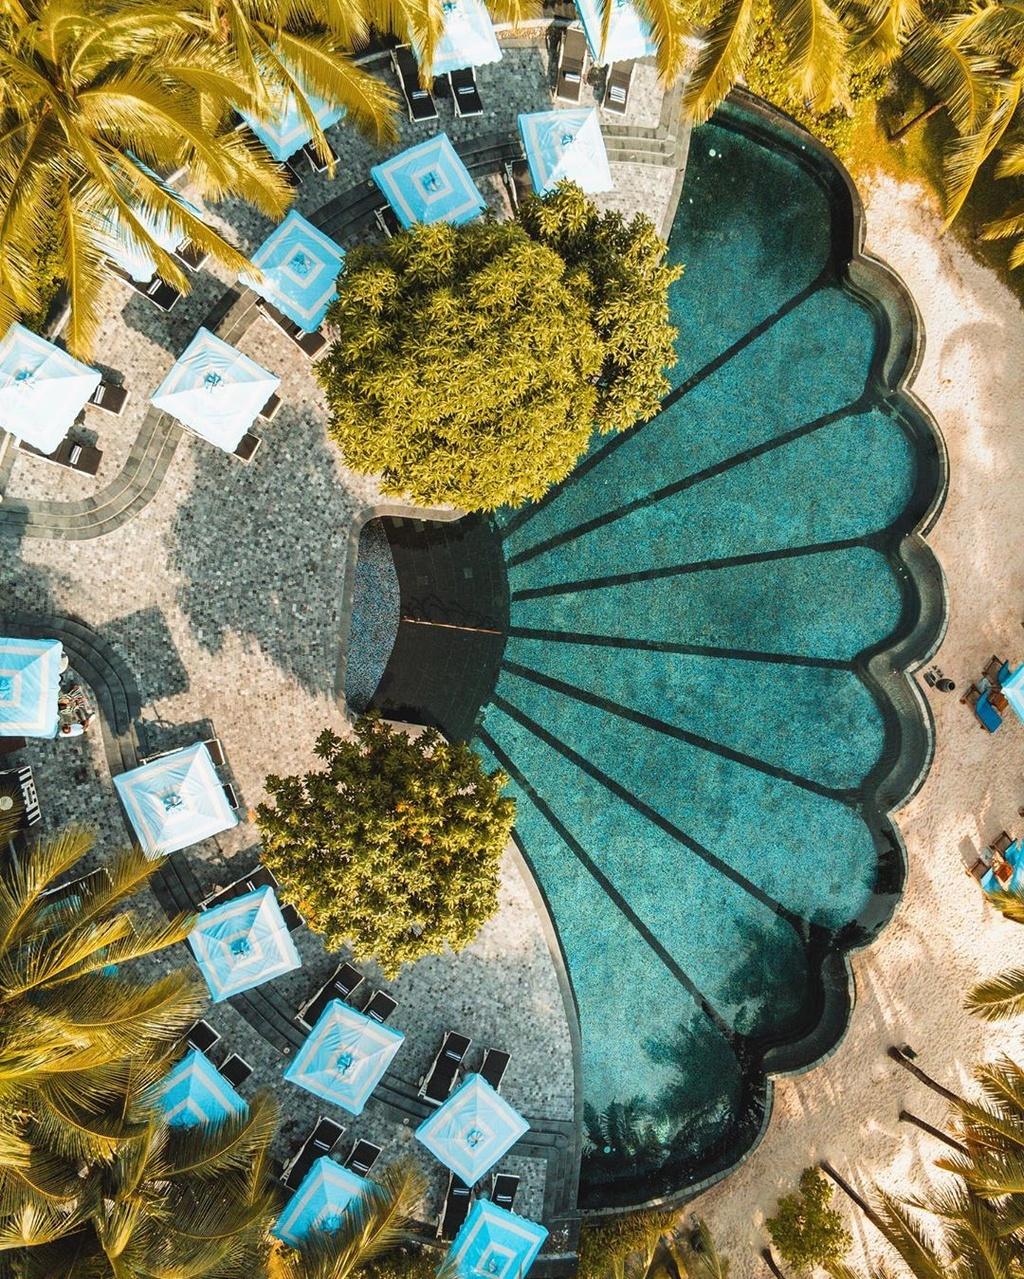 4 resort co ho boi dep tai Phu Quoc hinh anh 2  - 71673597_203555237311132_2720233047767139265_n - 4 resort có hồ bơi đẹp tại Phú Quốc